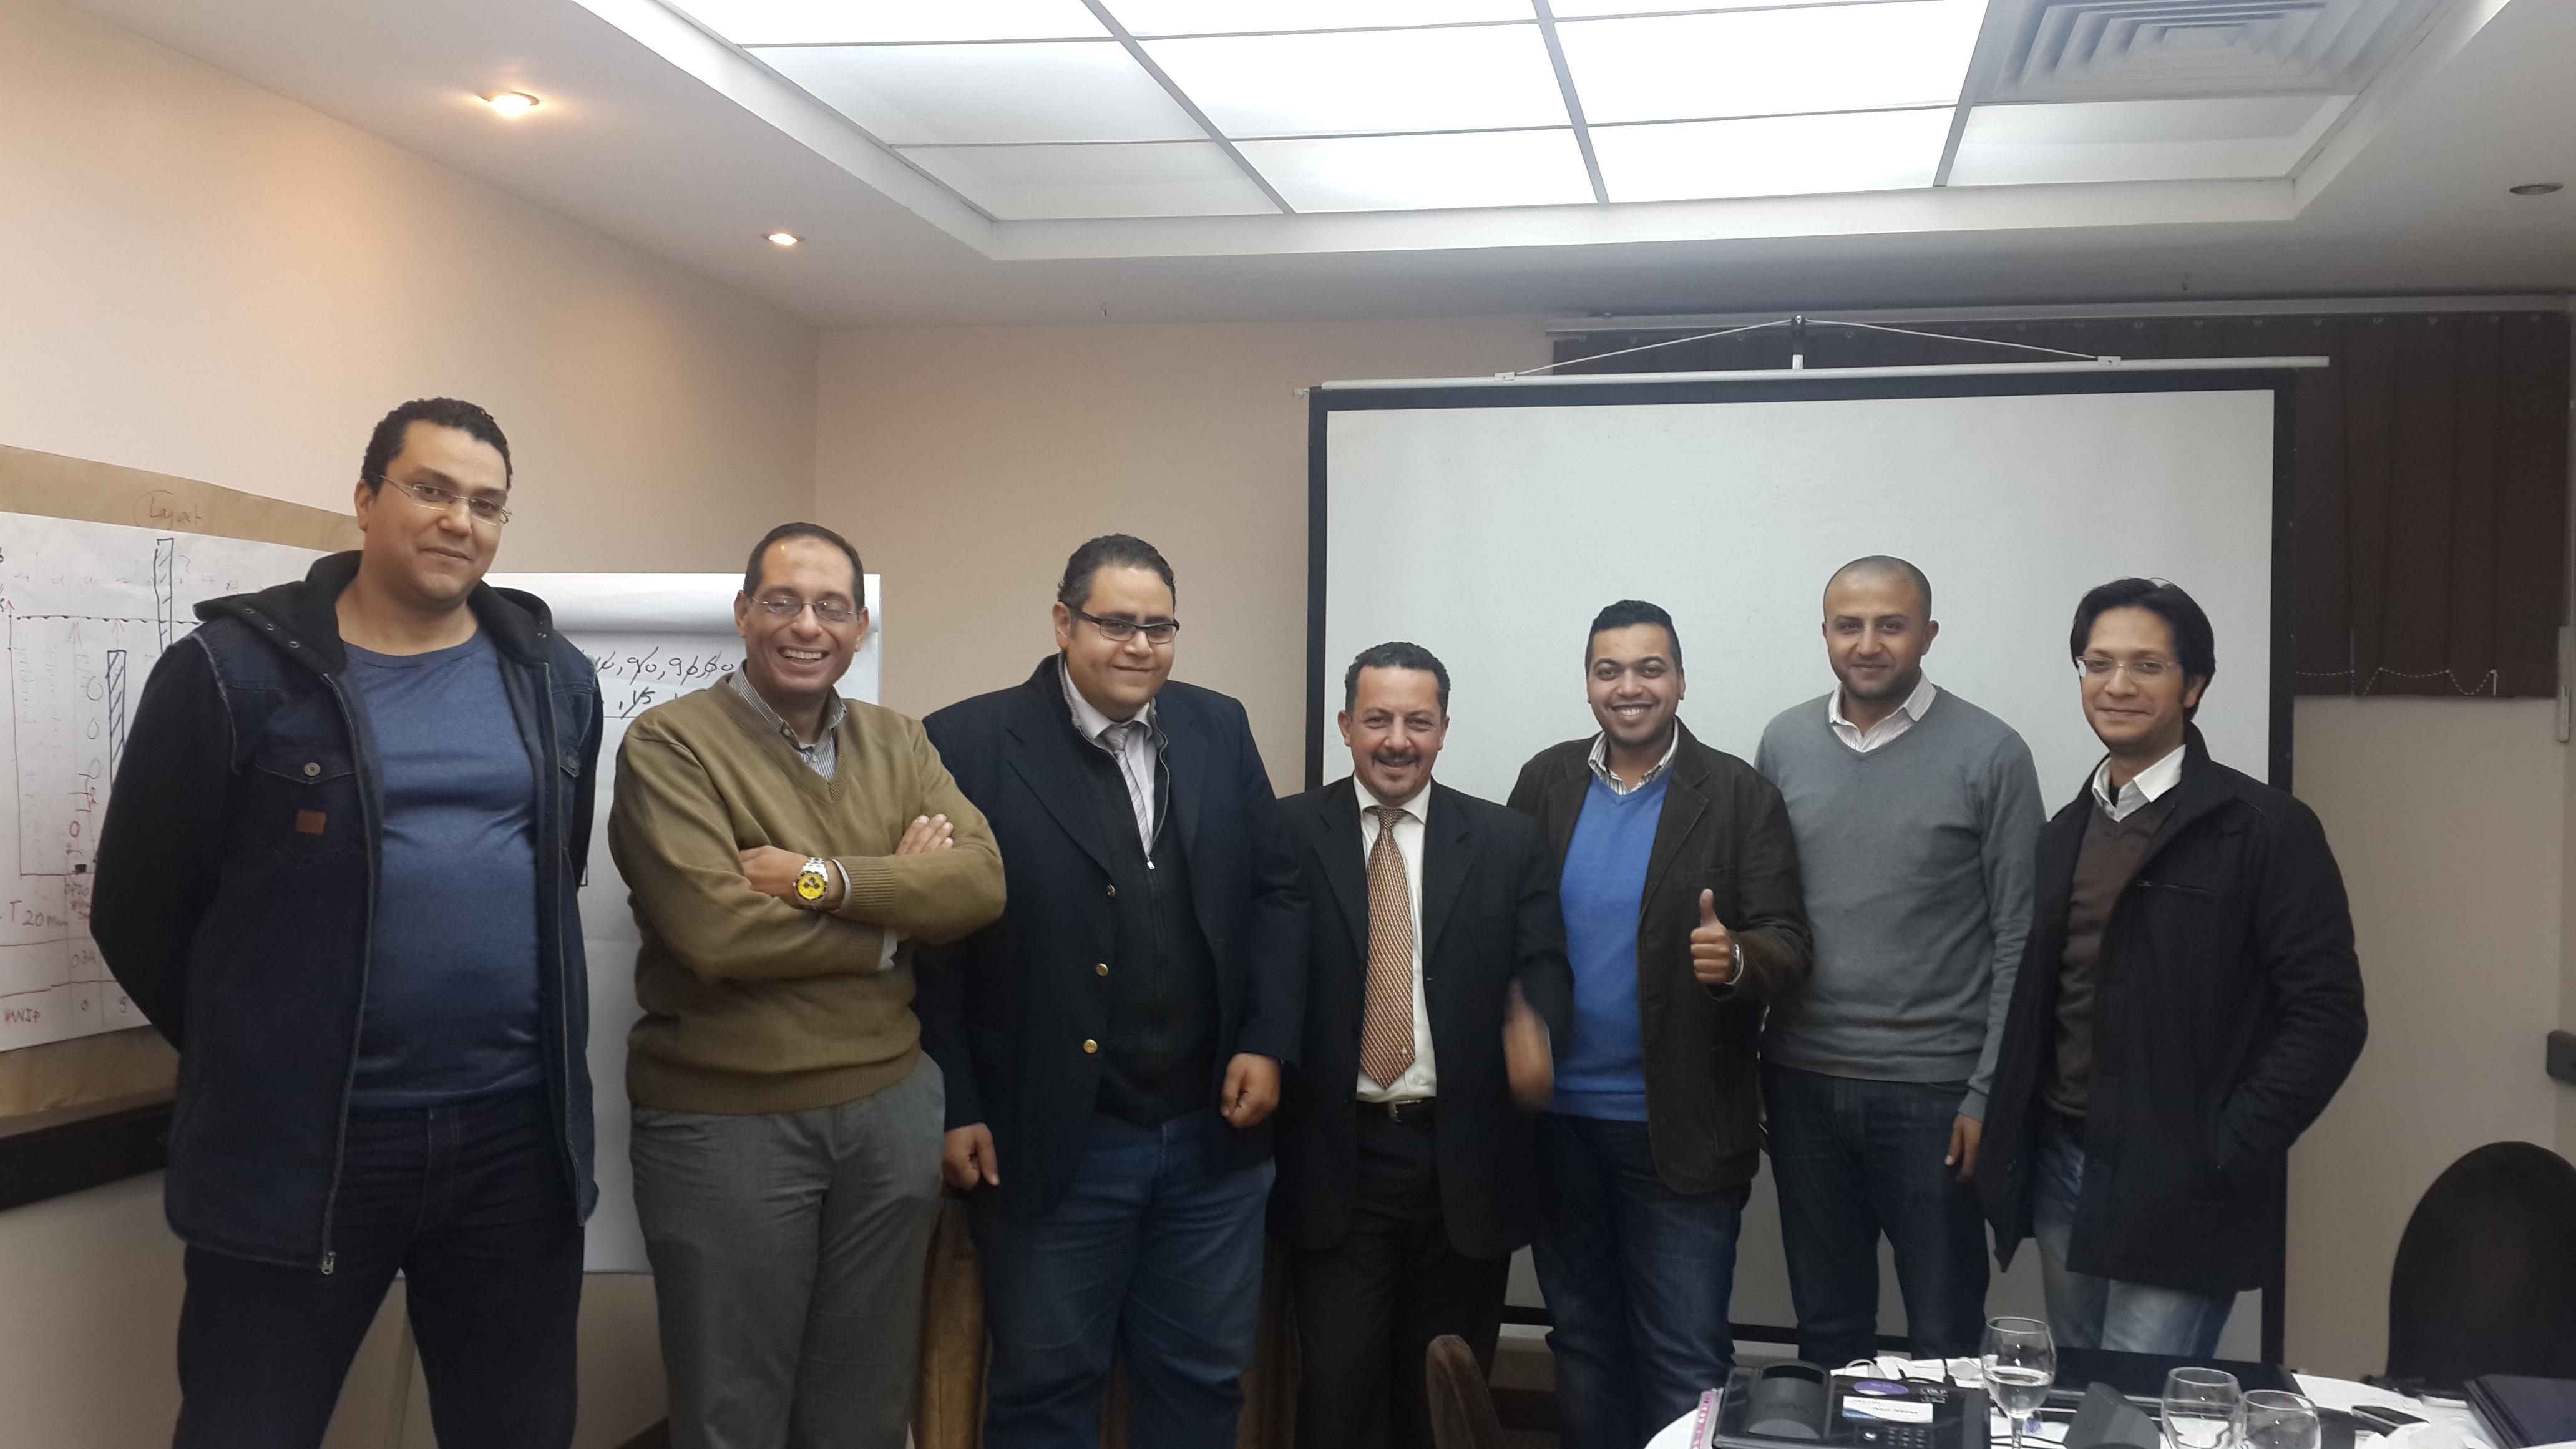 The Excellence Center20141125_172023 Egypt.jpg